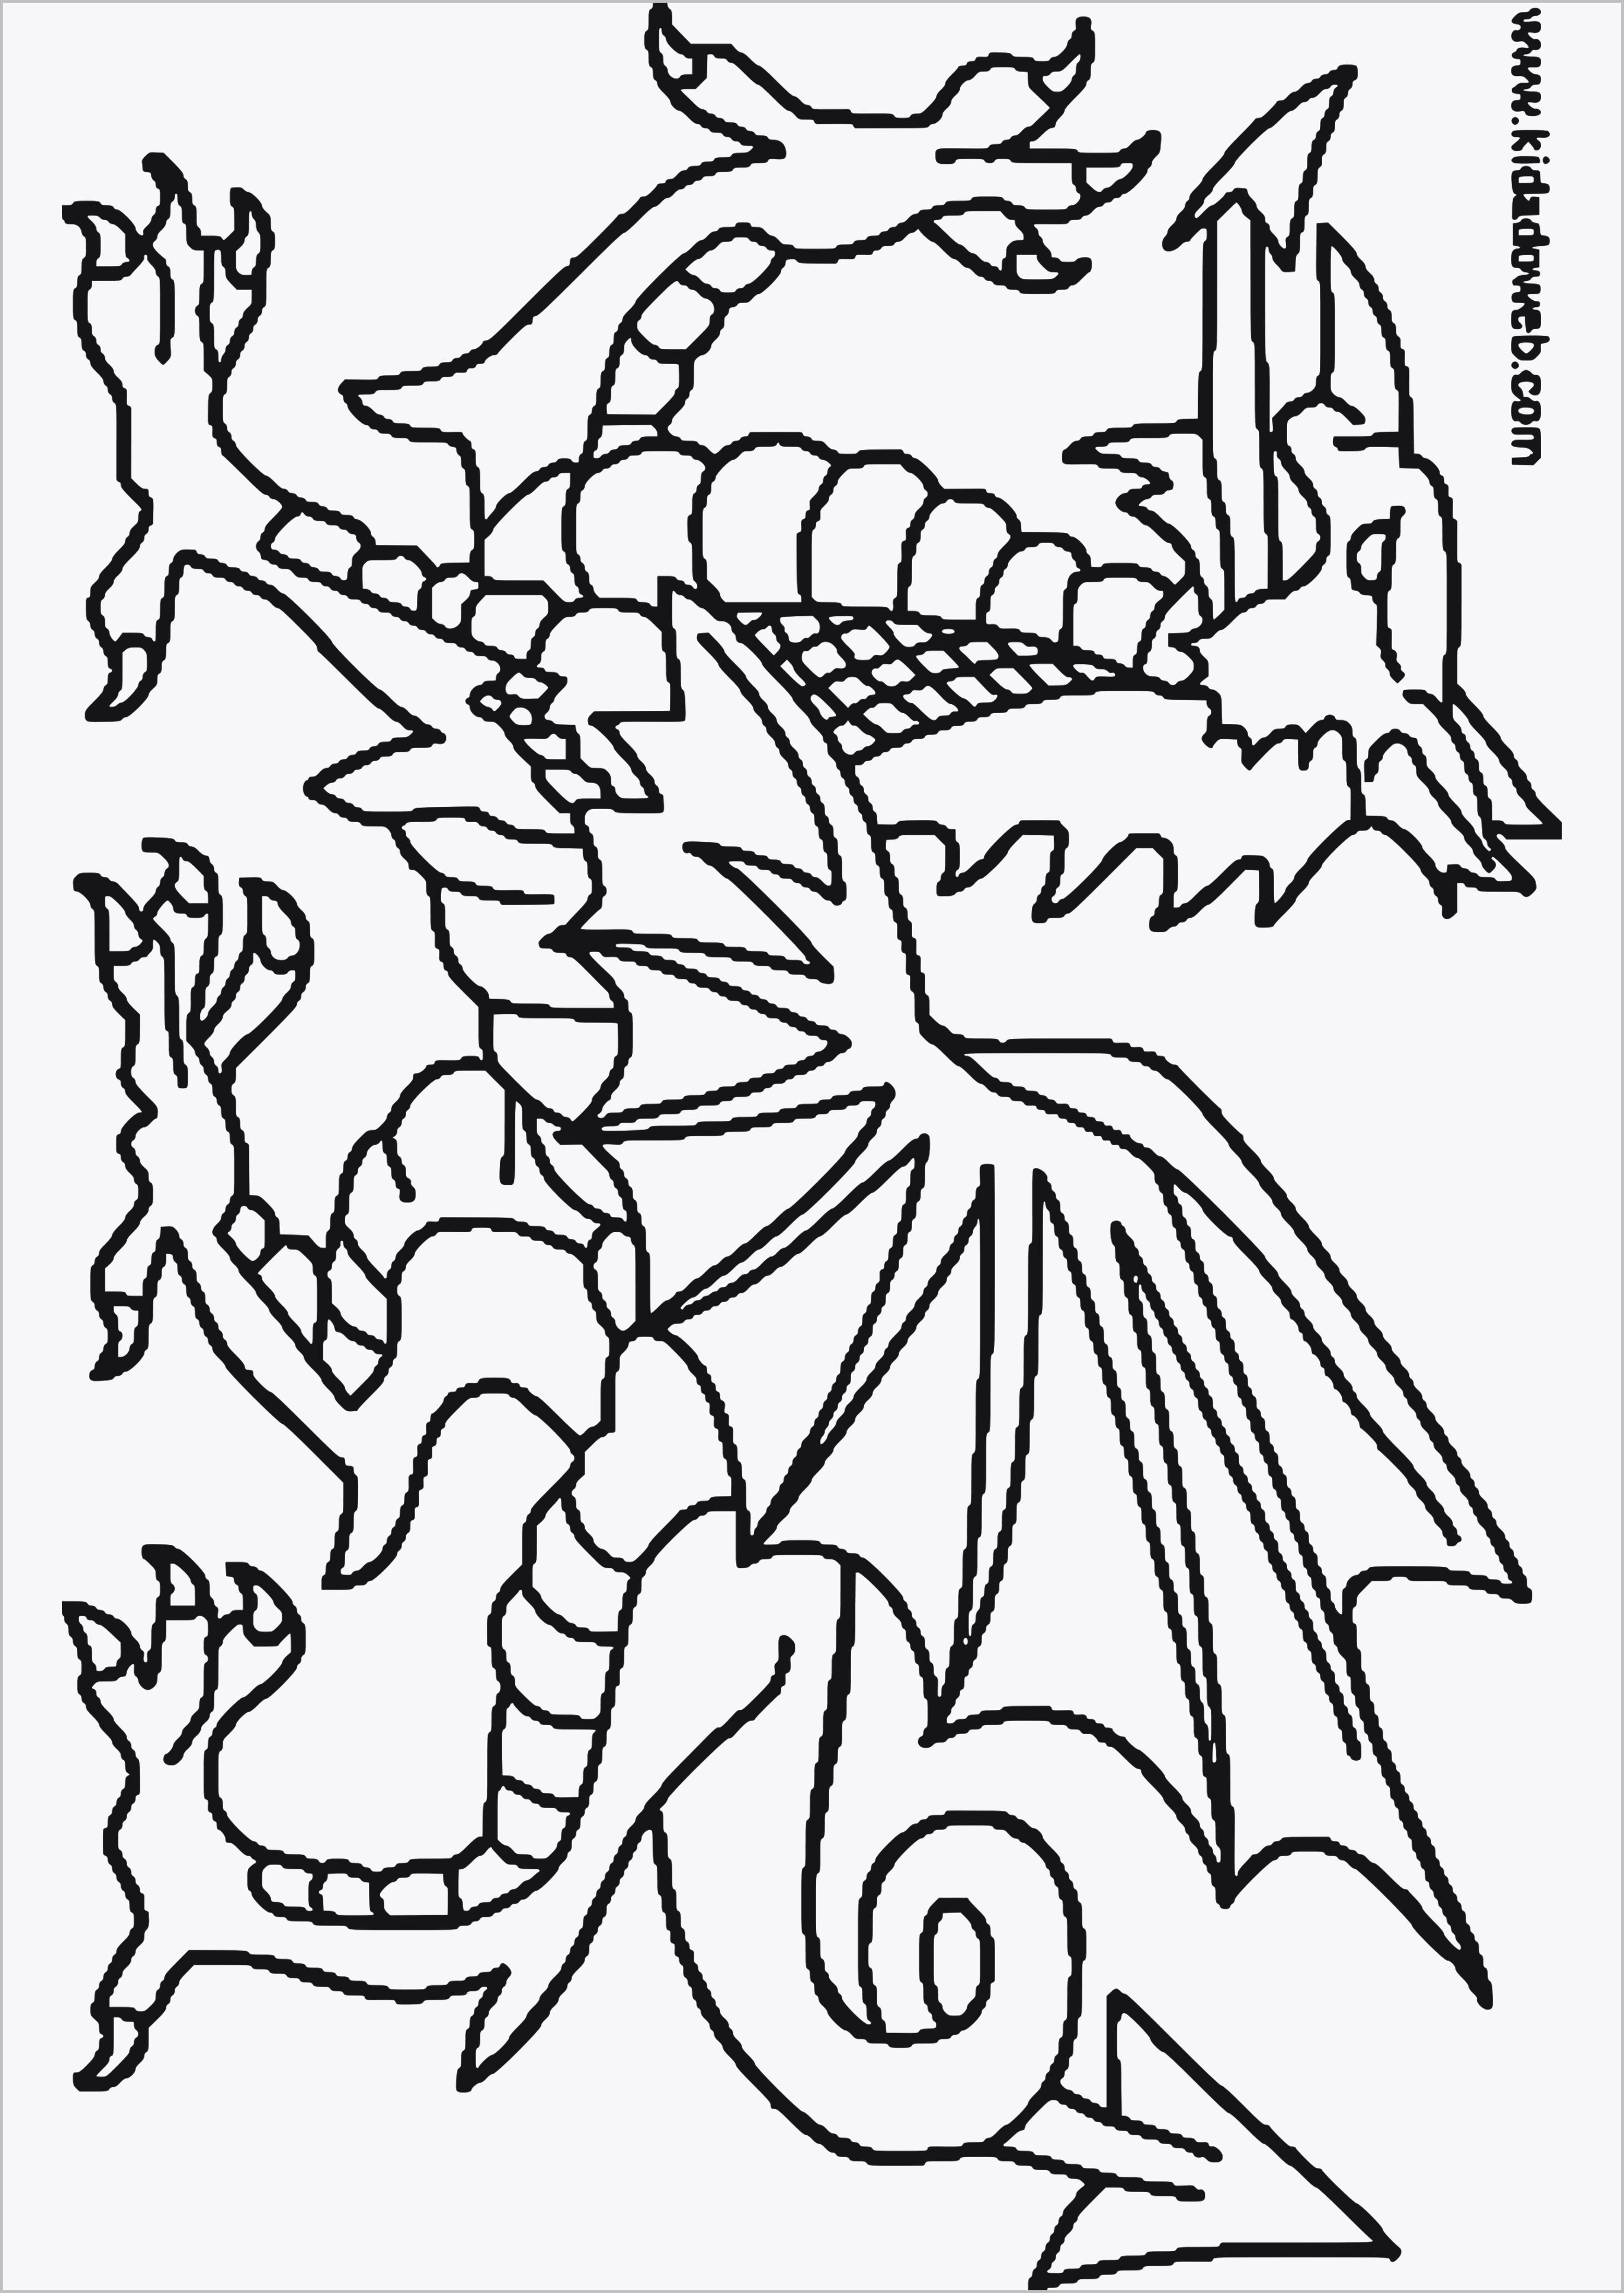 Drachen Bilder Zum Ausdrucken Kostenlos Einzigartig Drachen Bilder Zum Ausmalen Und Ausdrucken Bunt Pädagogisch 42 Galerie